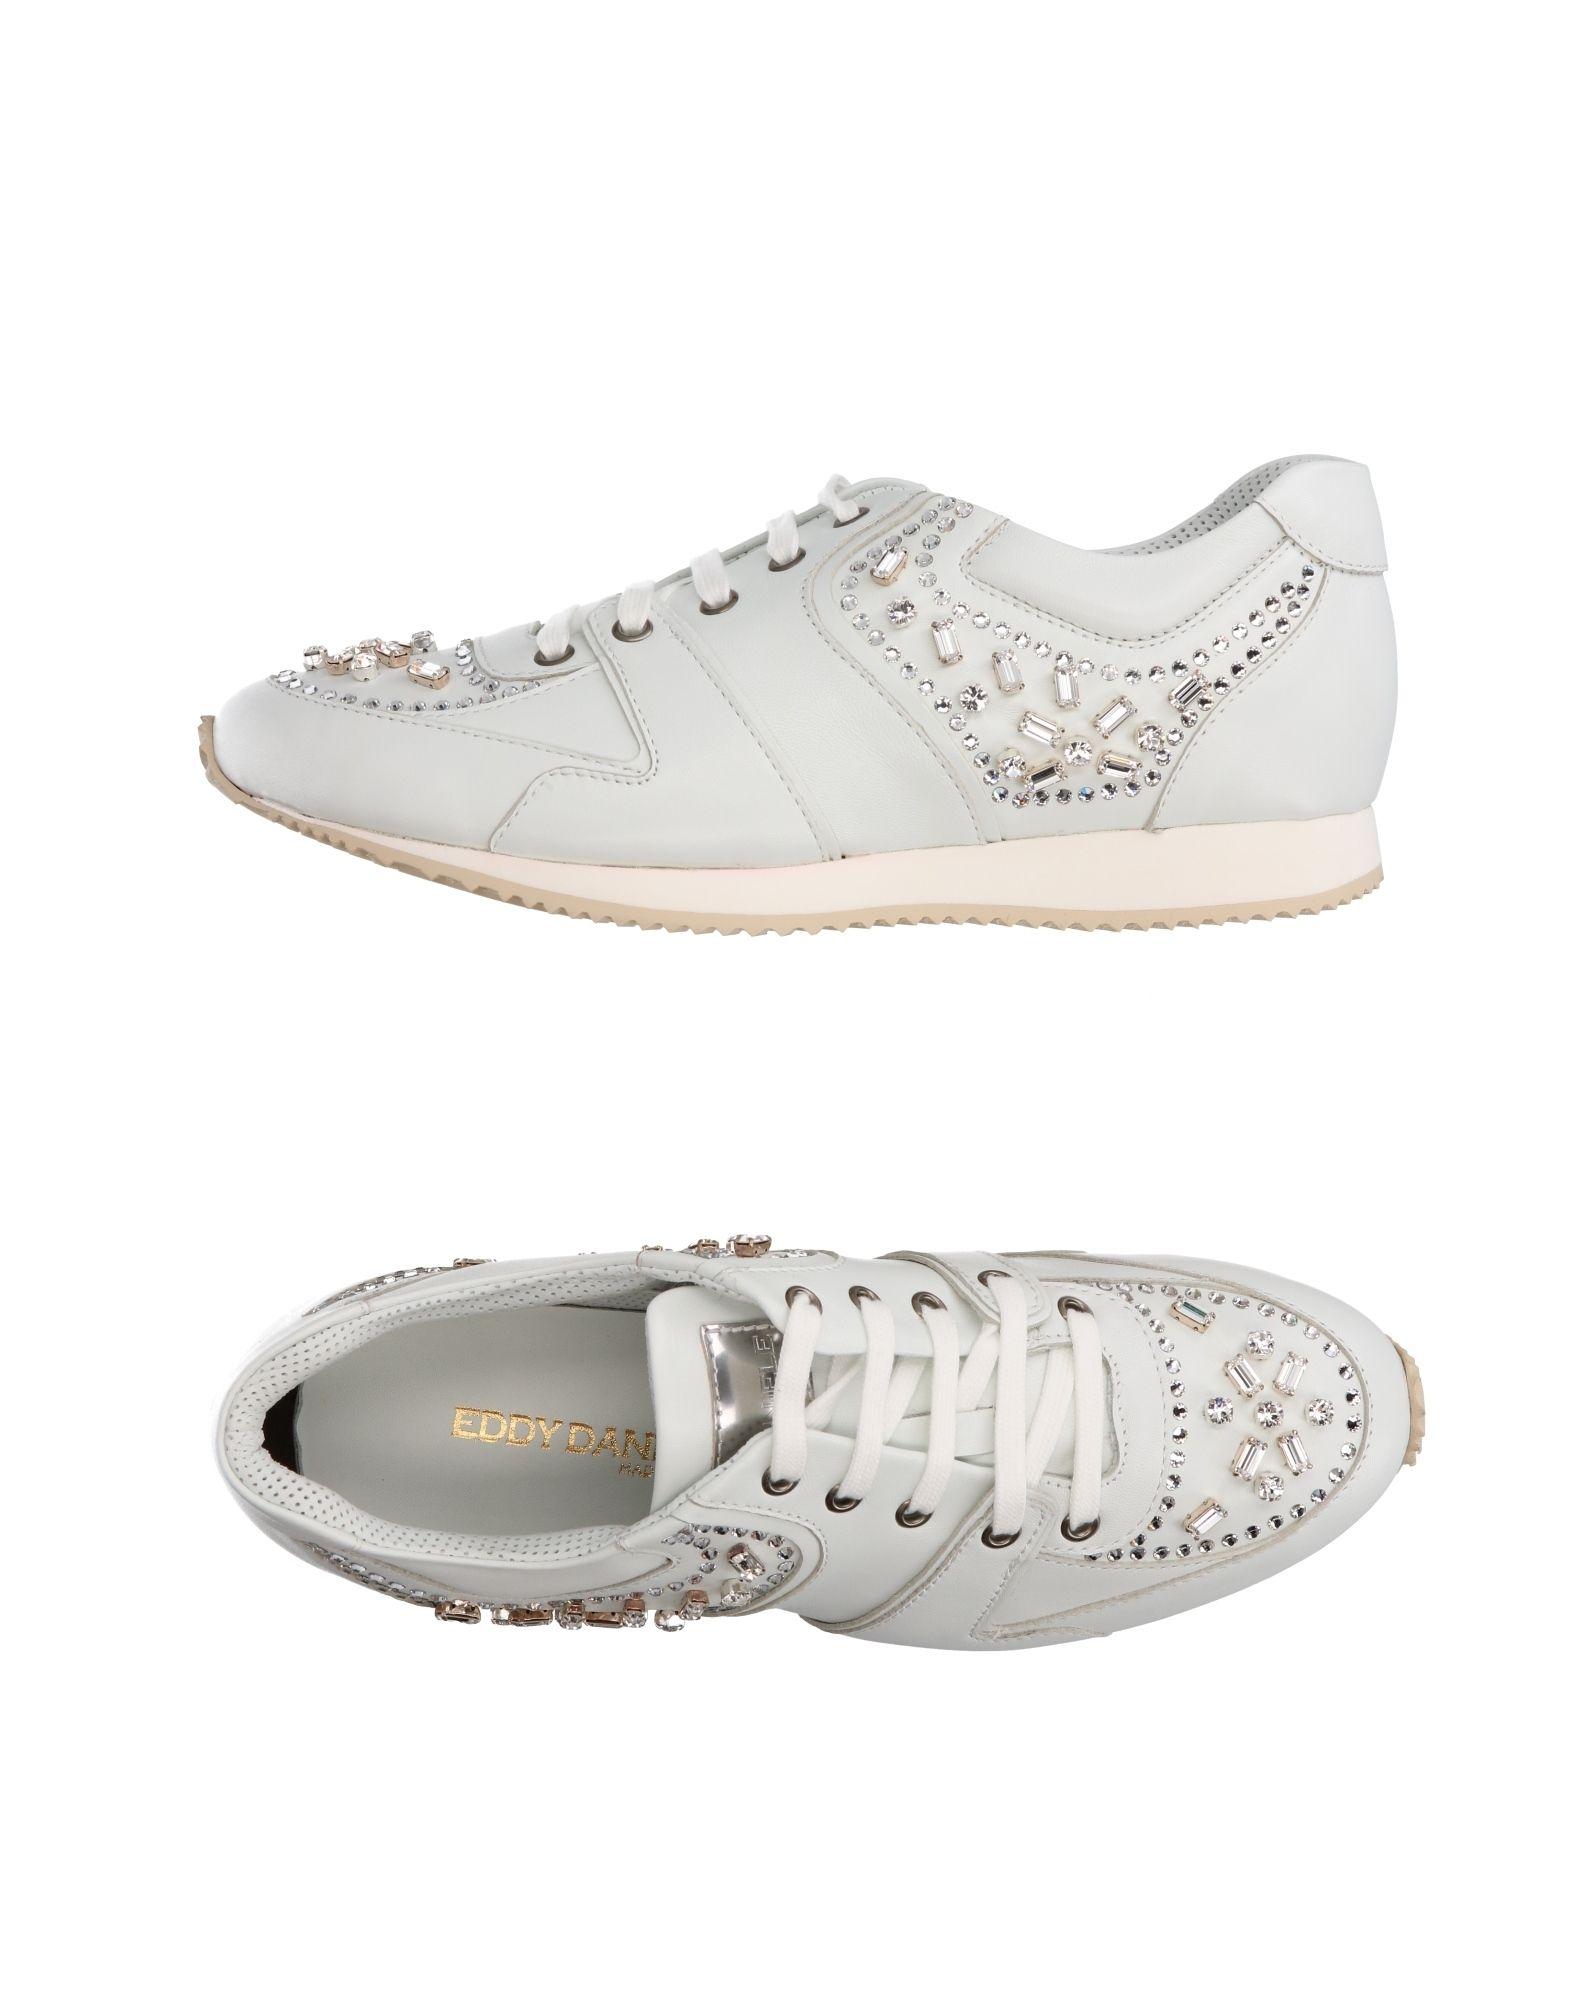 Sneakers Eddy Daniele Femme - Sneakers Eddy Daniele sur